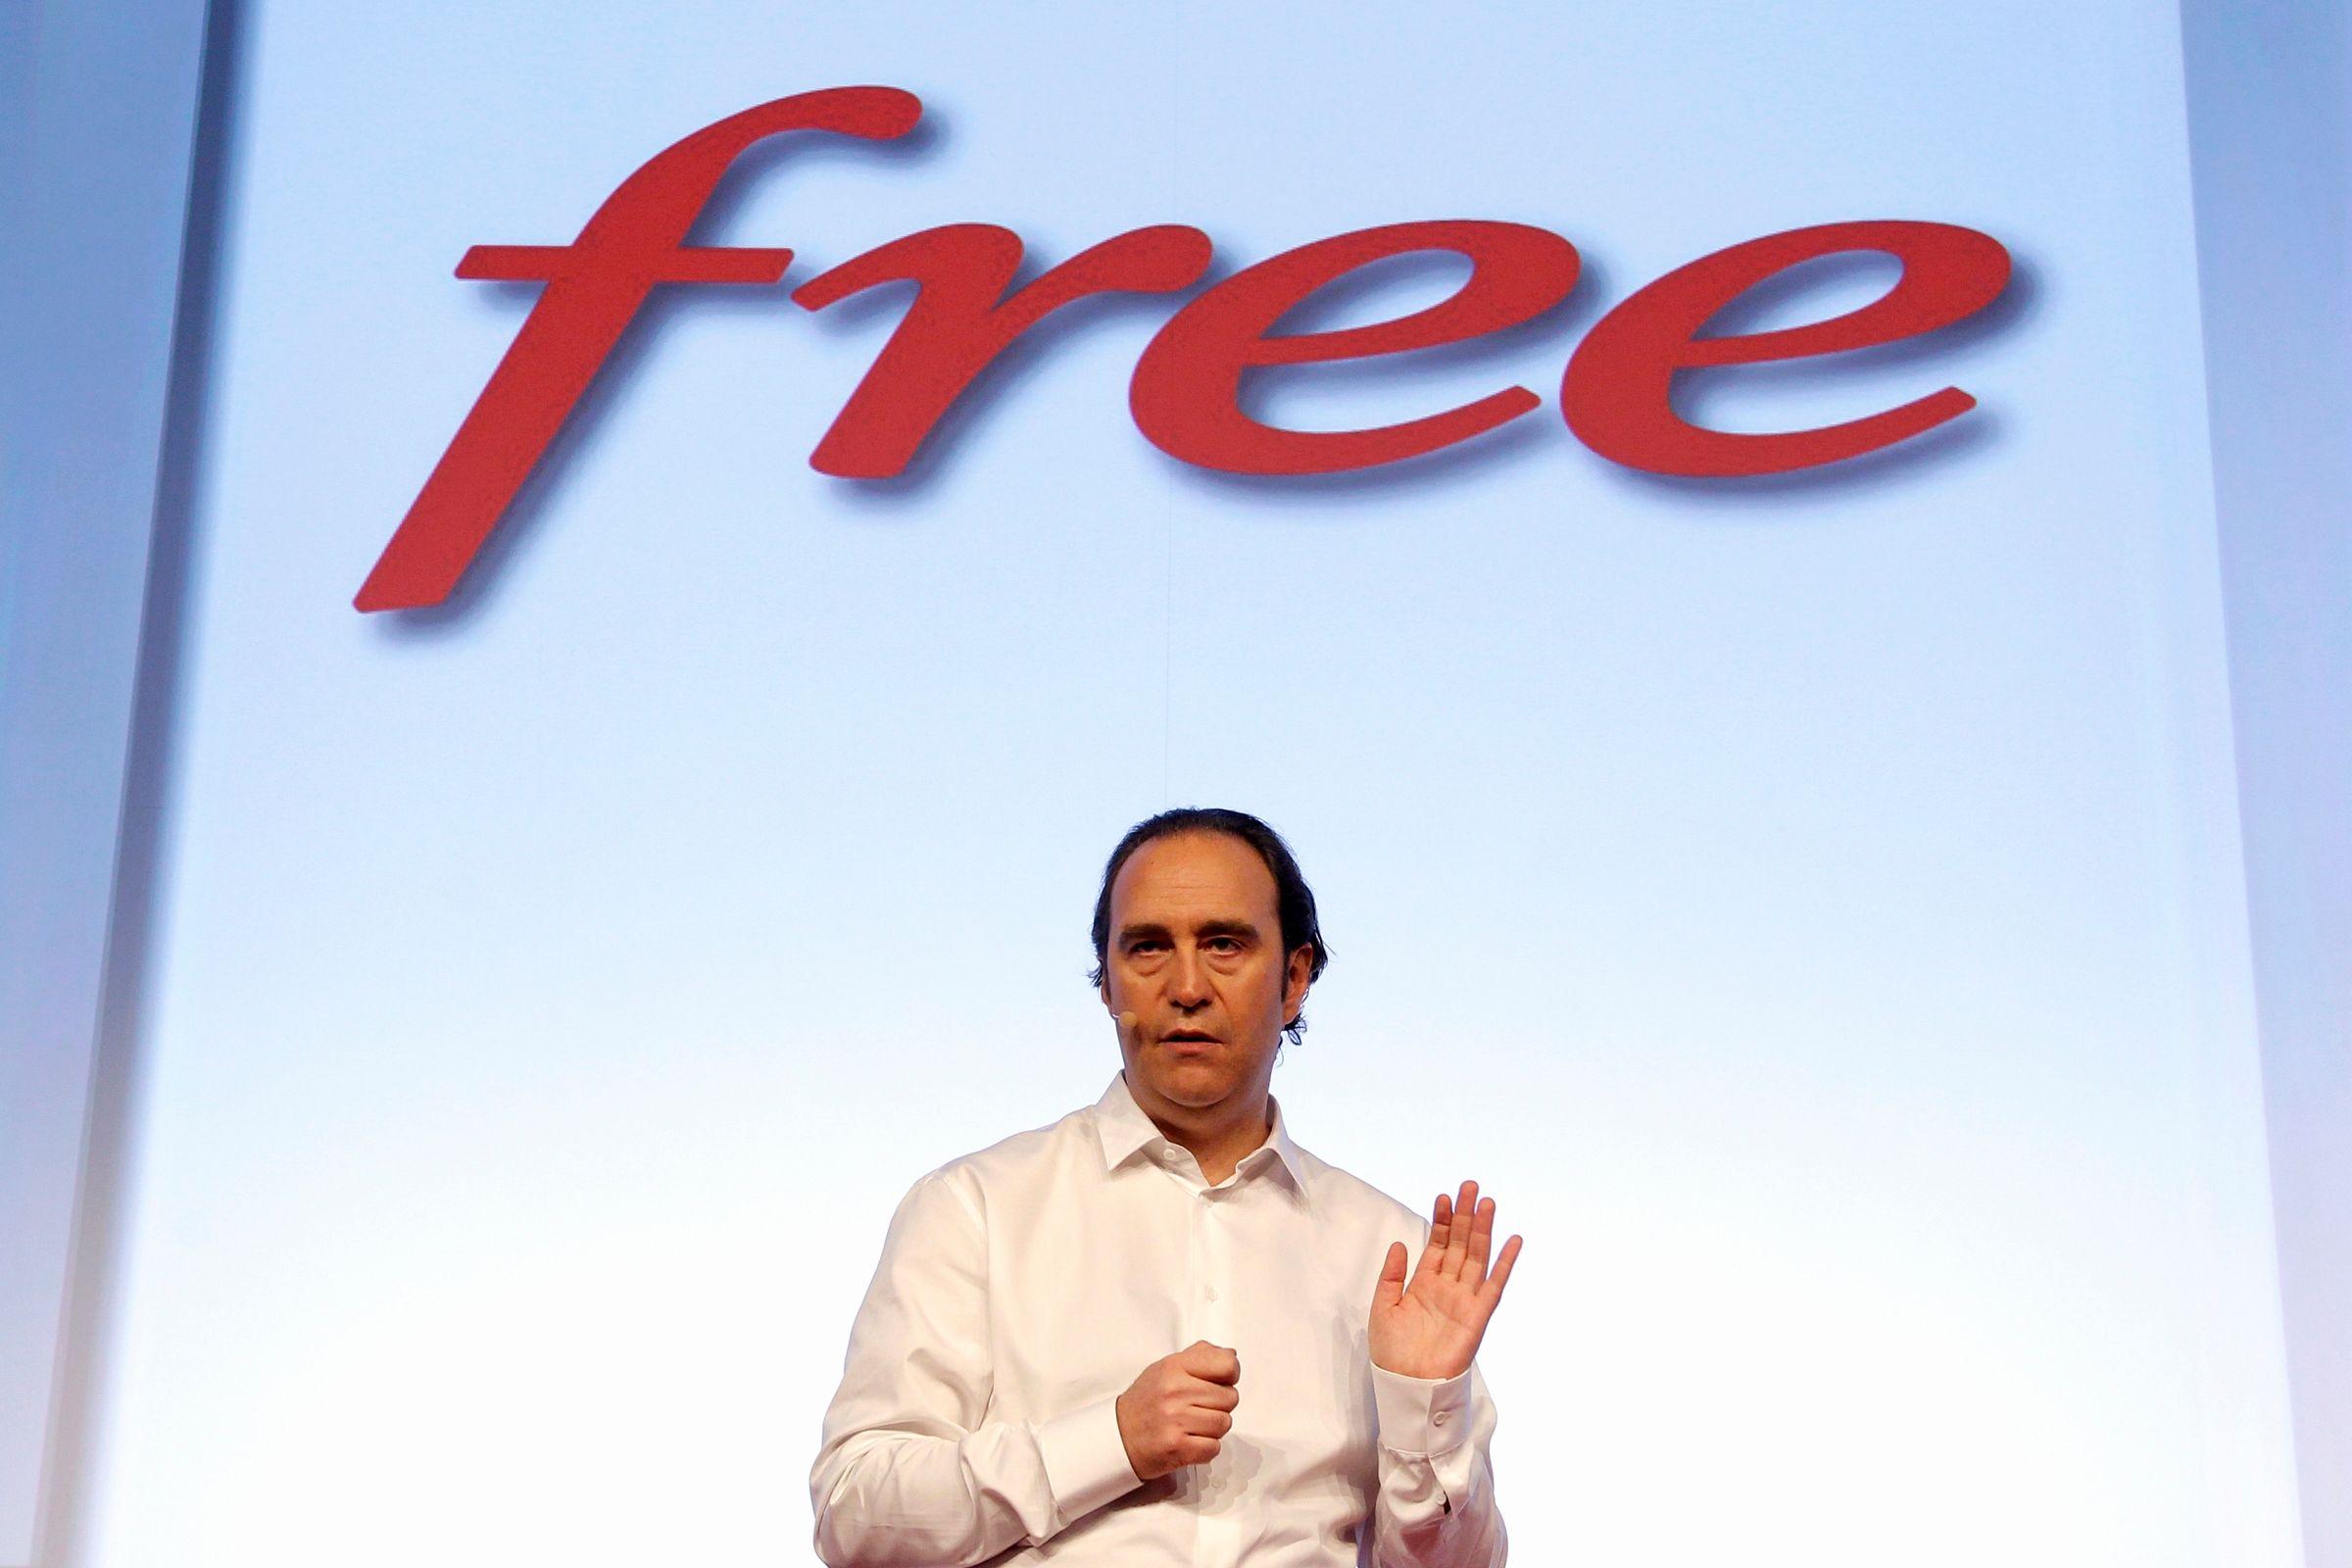 Free avait mis la pression sur Google en bloquant les publicités sur sa Box